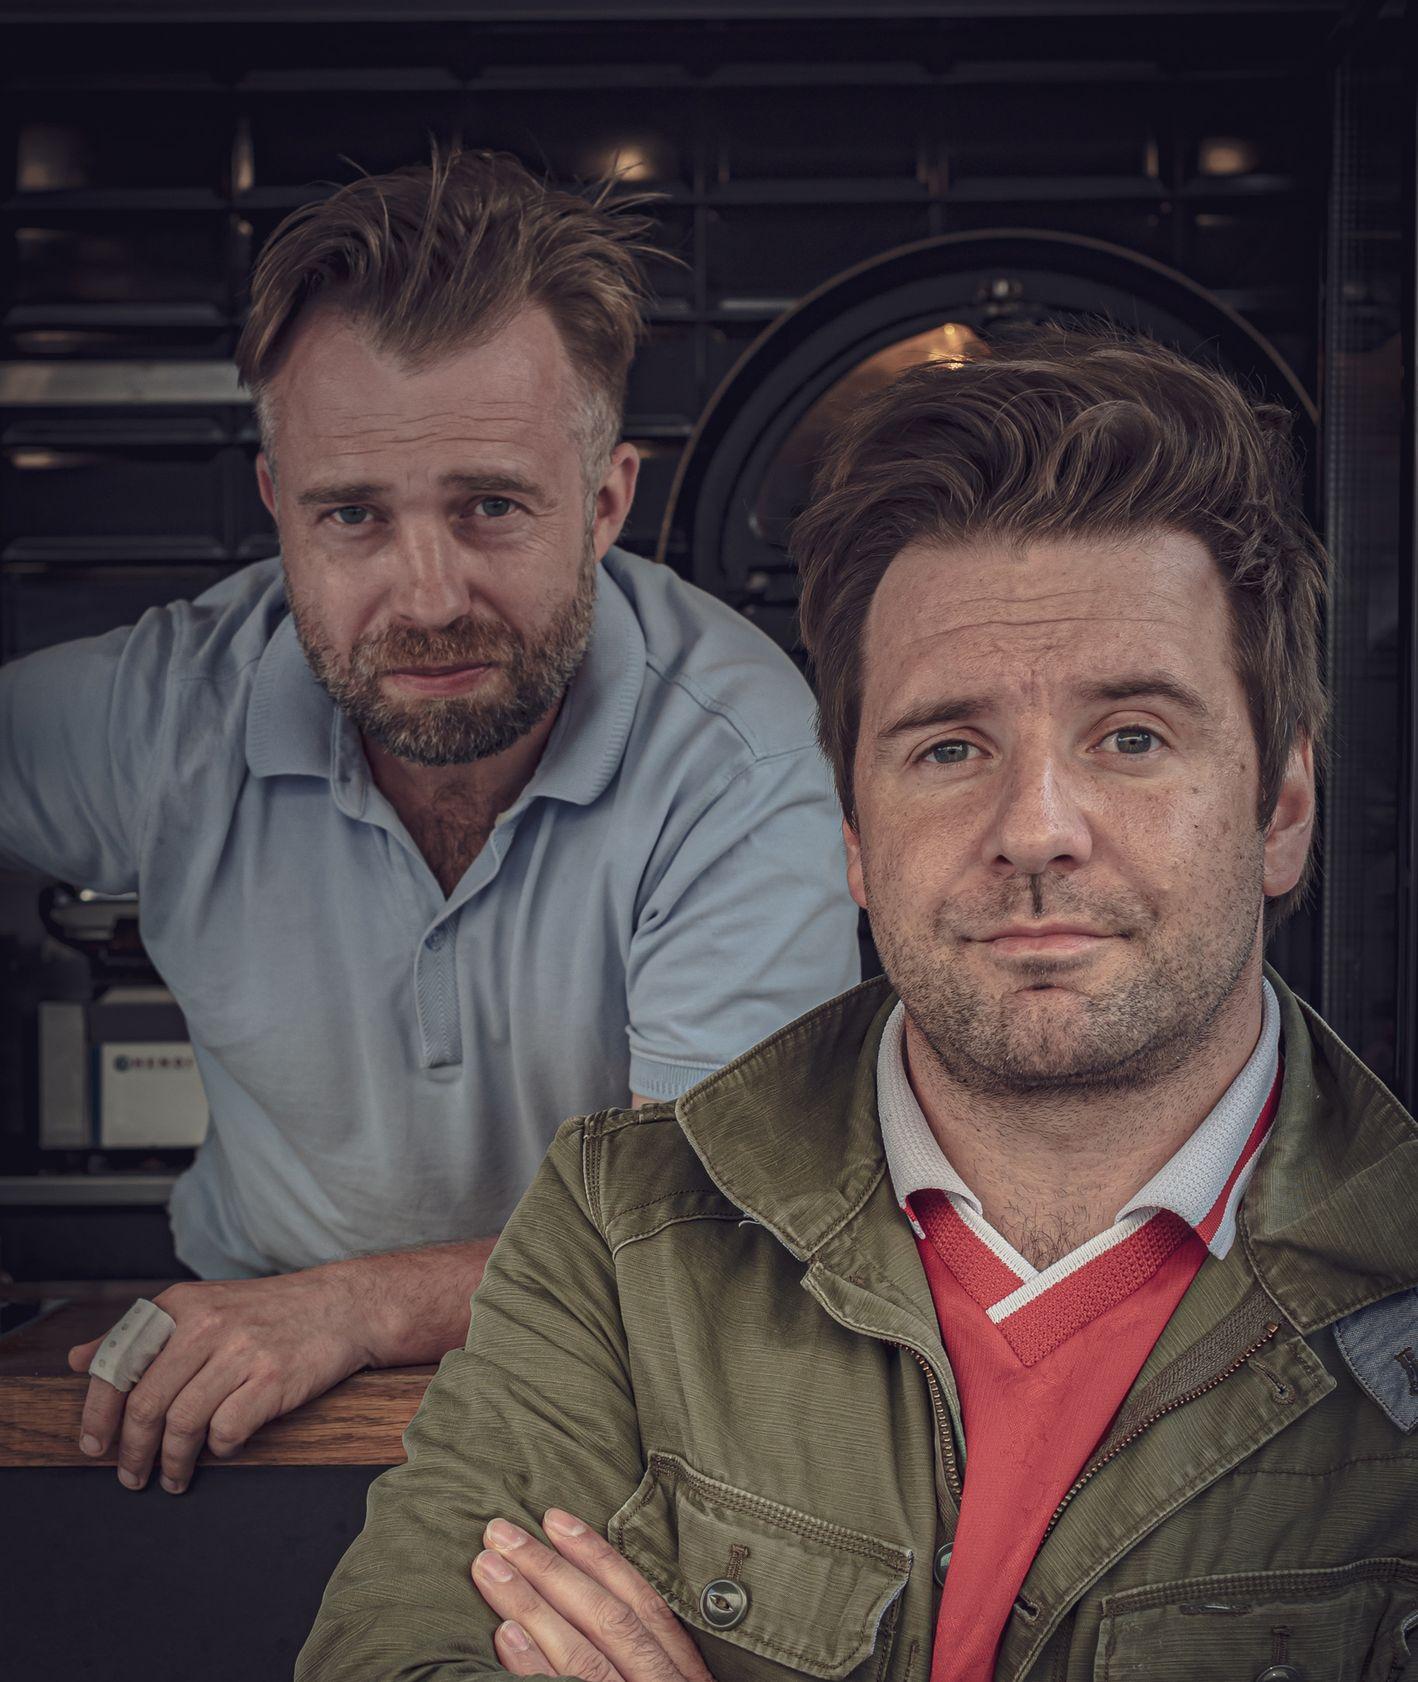 Maciek Nawrocki i Marcin Duda opowiadają o śledziu i swoim popularnym foodtrucku Śledzie z Bornholmu (fot. Konrad Wullert)